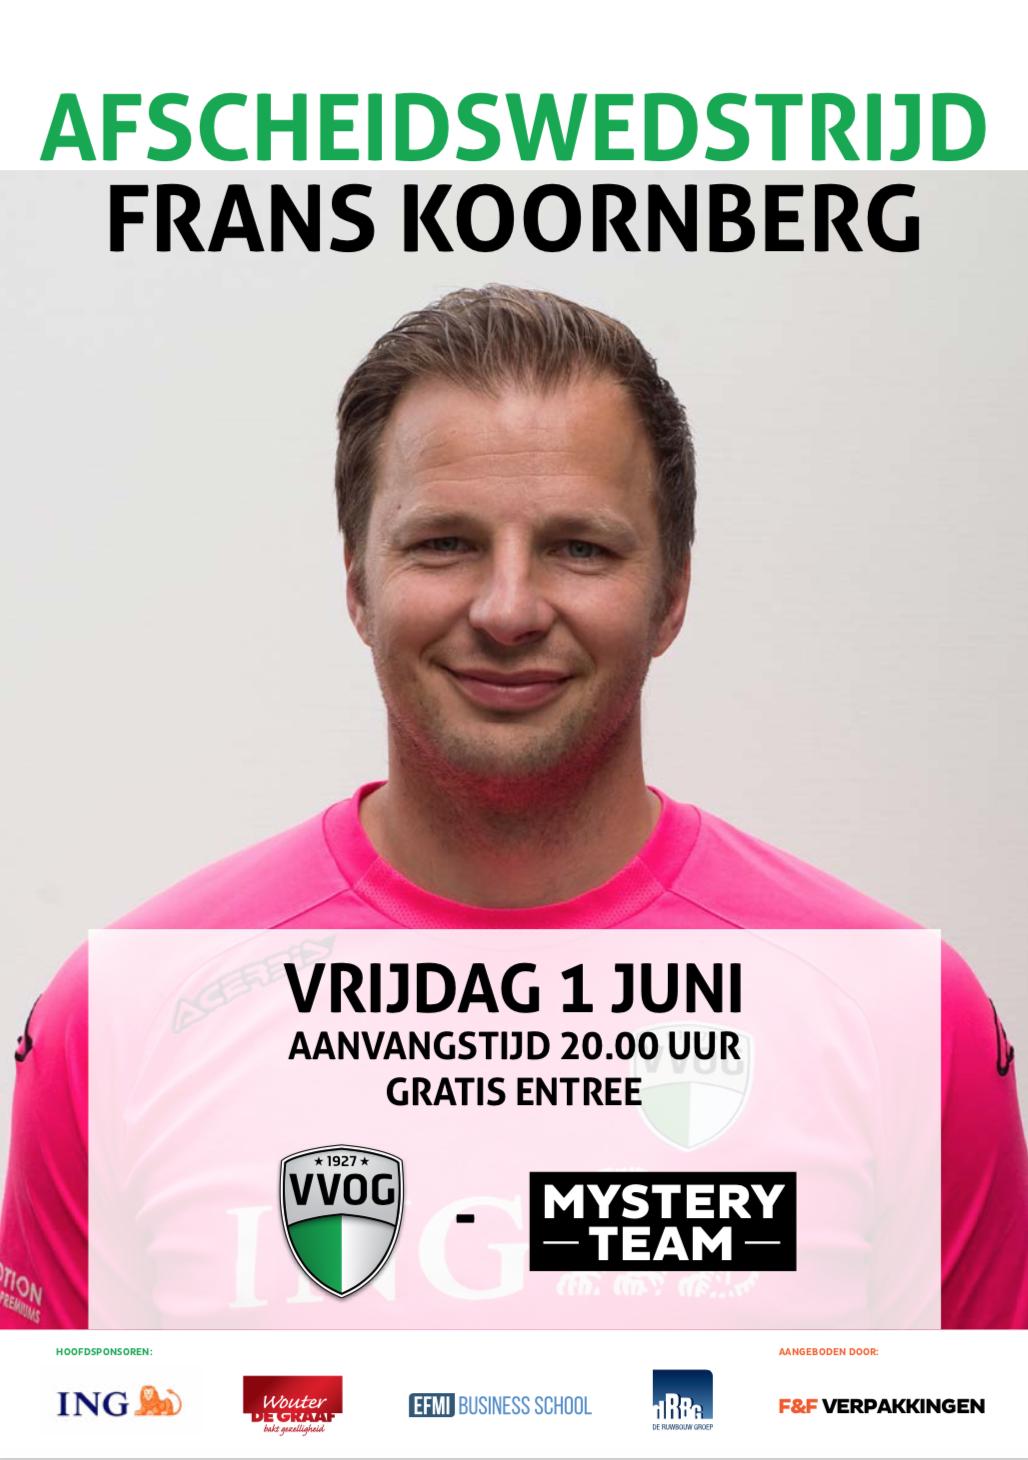 Frans Koornberg krijgt bij VVOG afscheidswedstrijd - Elburger SC